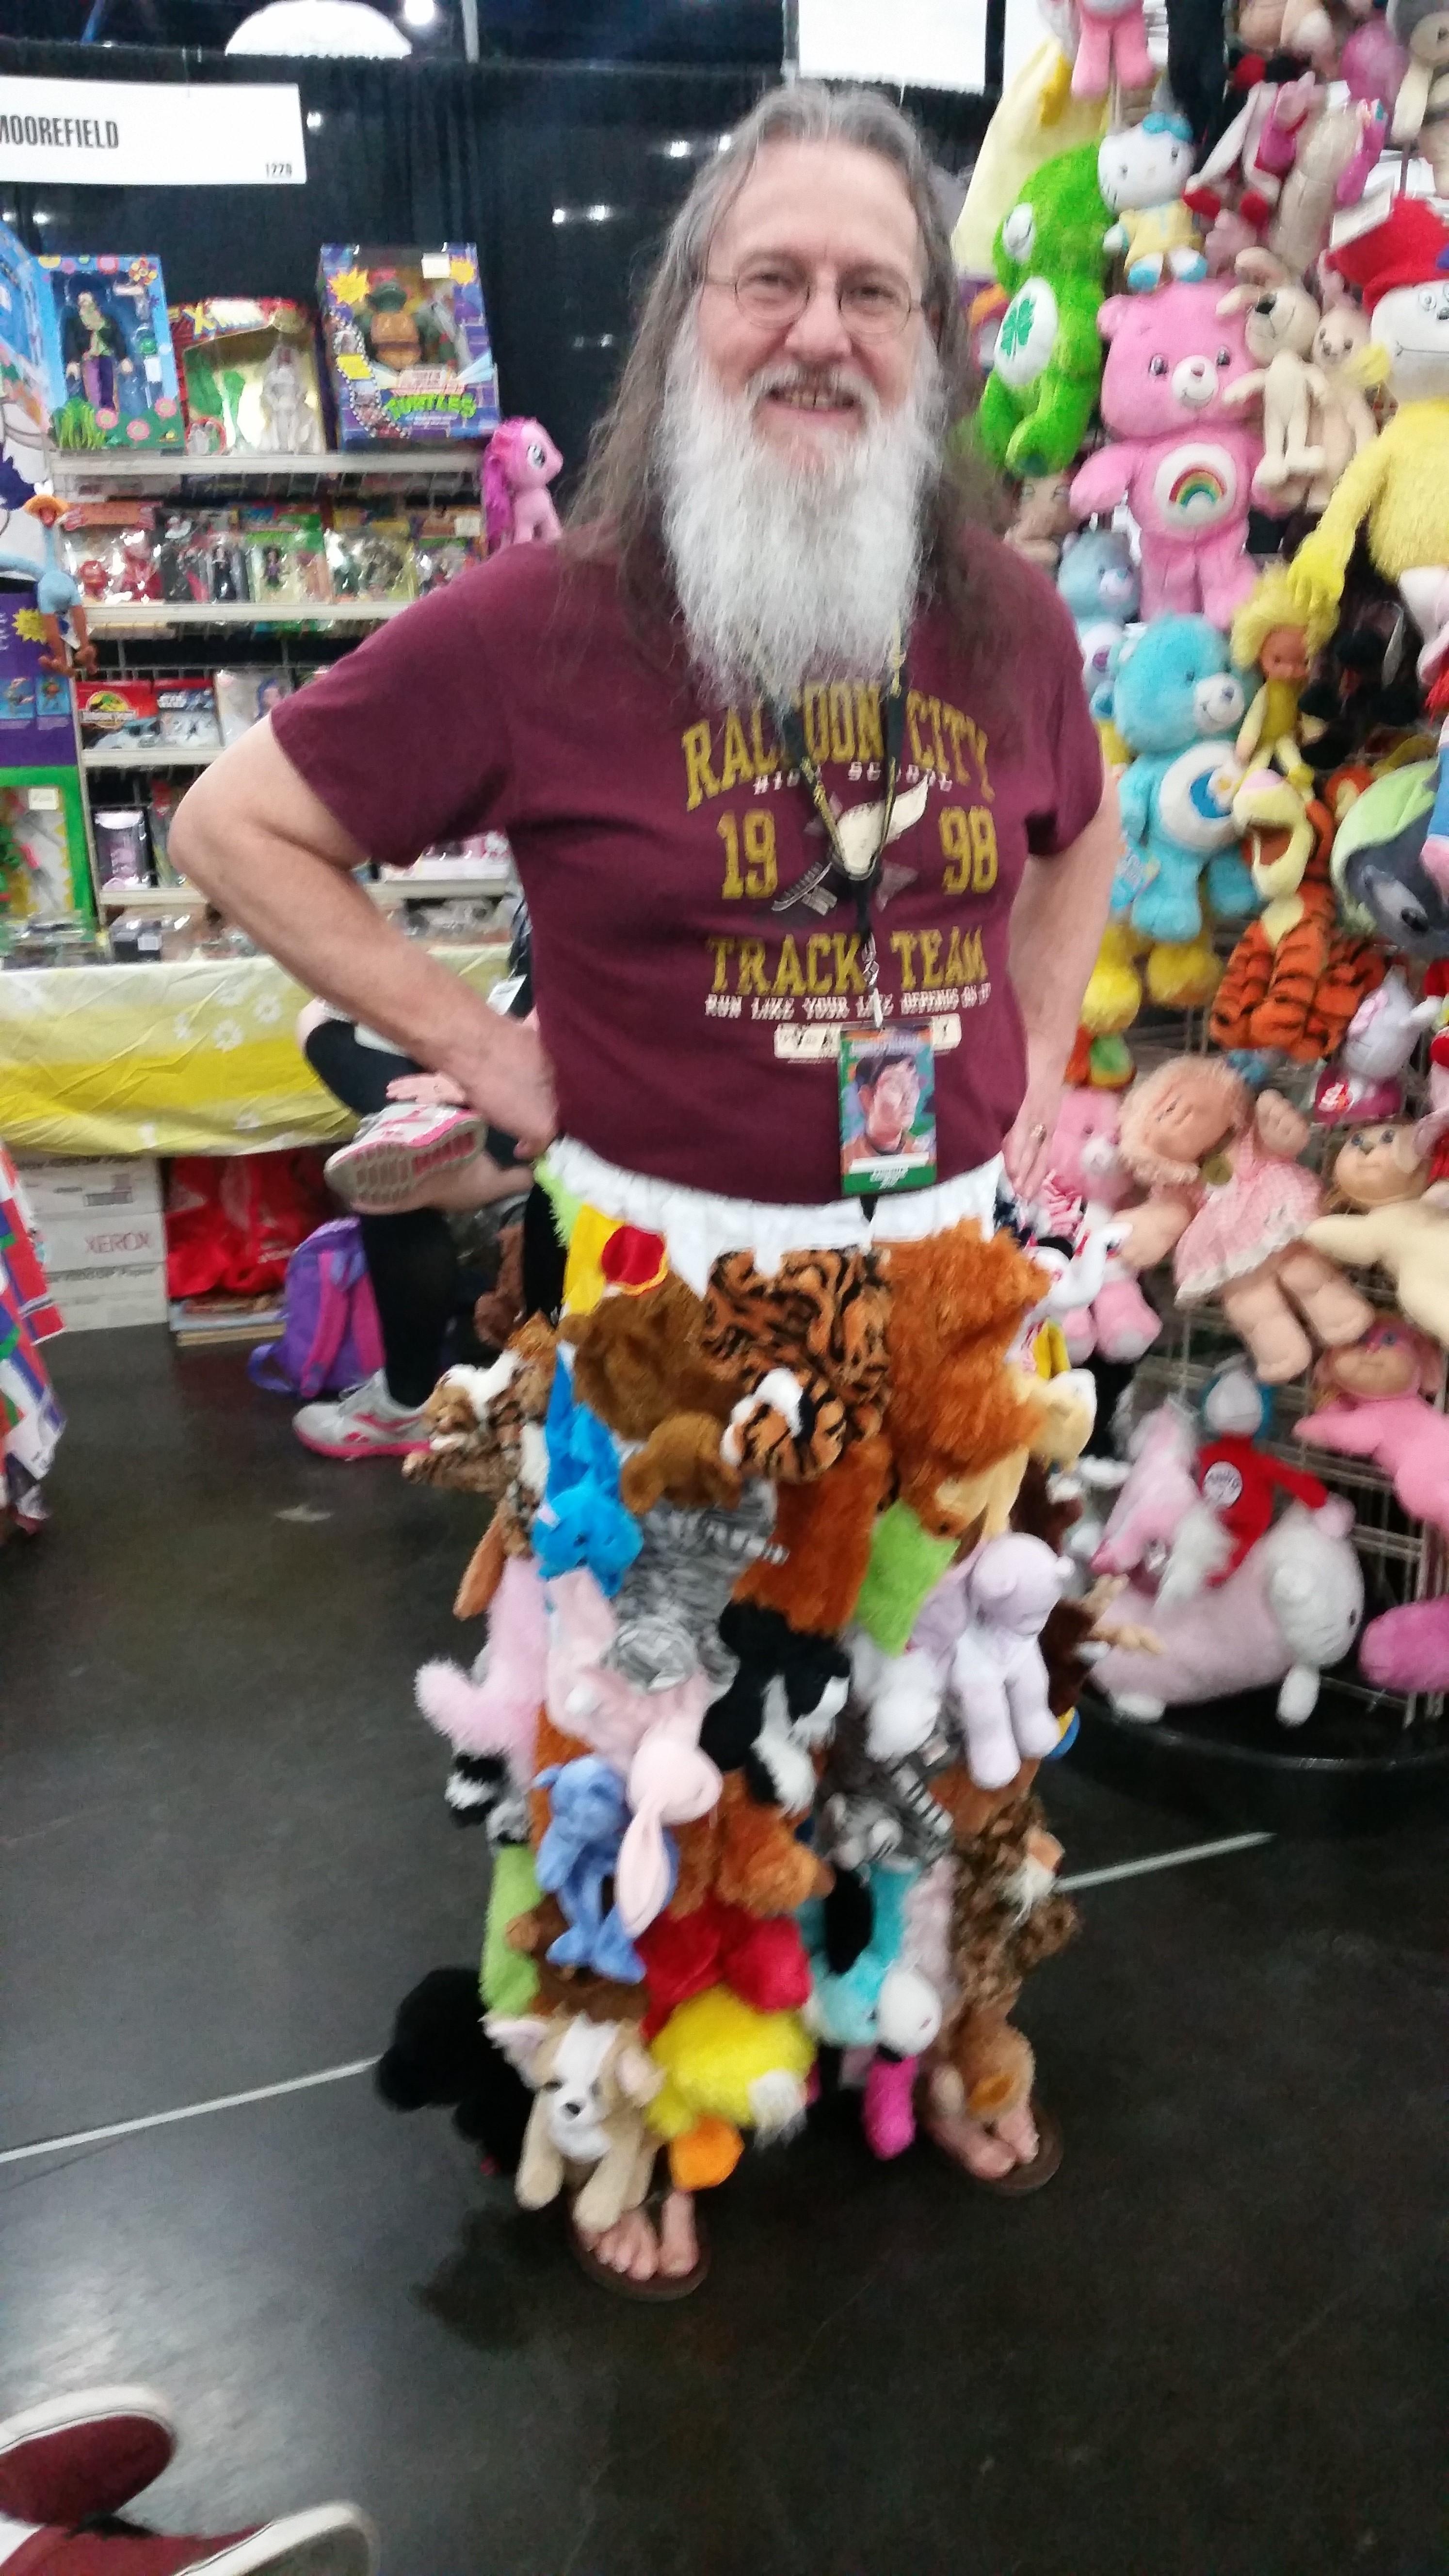 This vendor shows off his unique pants